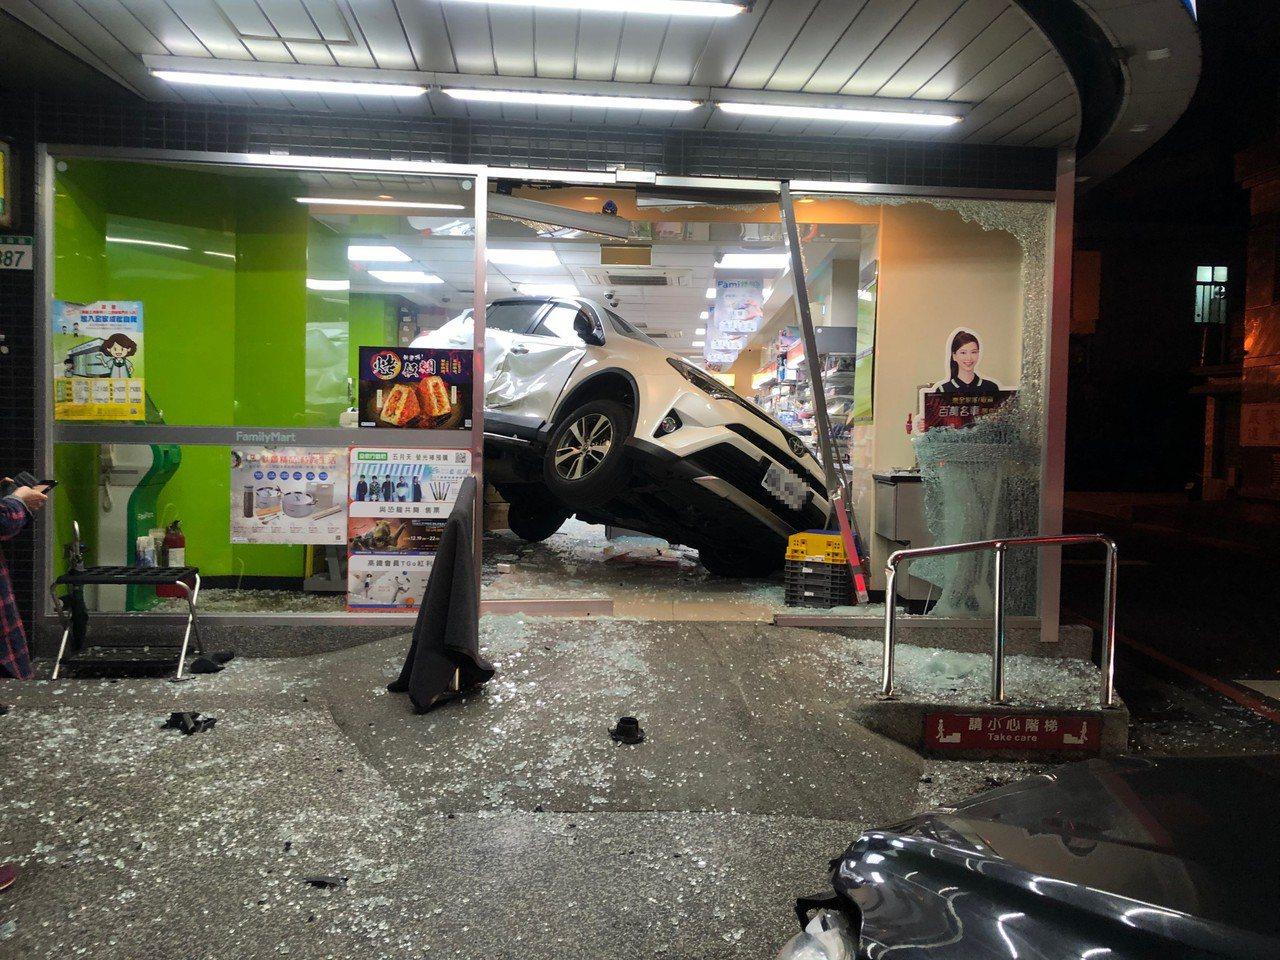 白色休旅車遭闖紅燈的另一輛車撞上,失控衝進超商。記者曾健祐/攝影